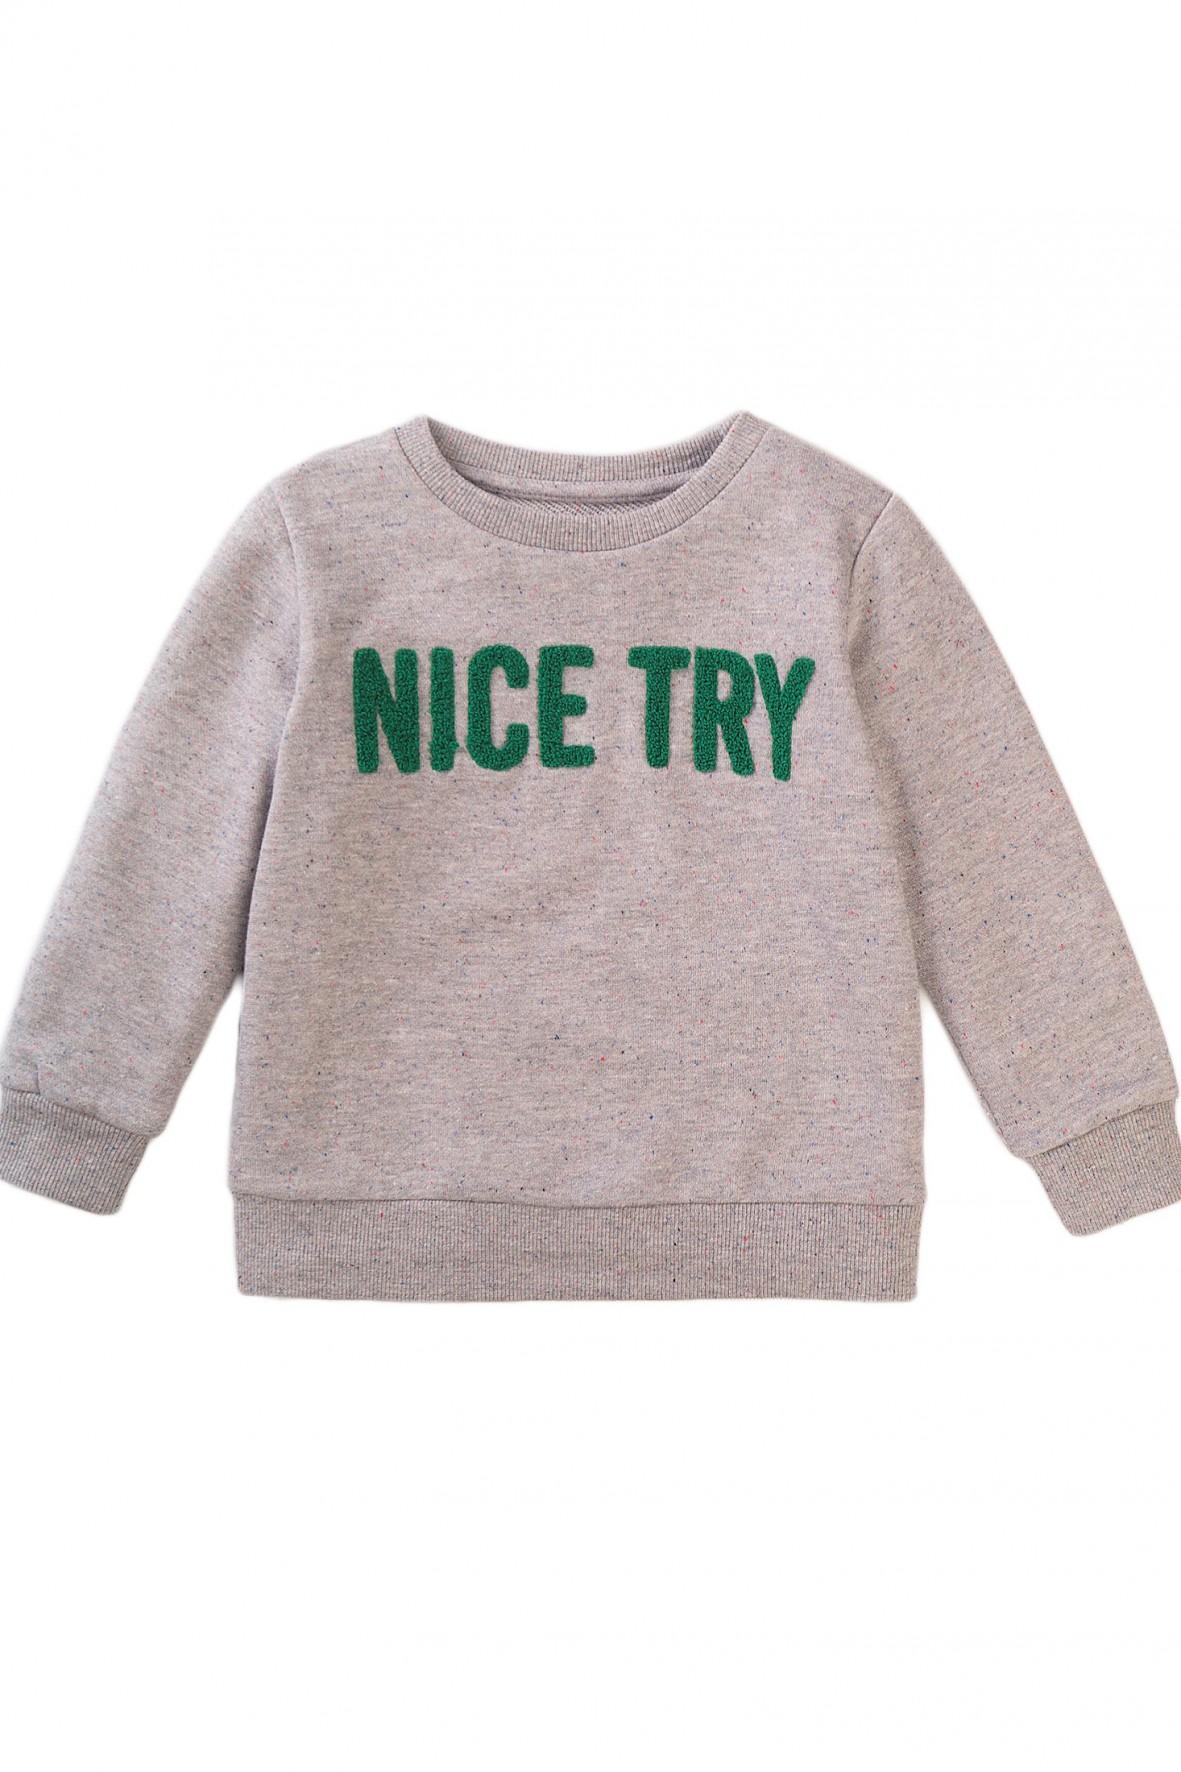 Szara bluzka dresowa z napisem Nice Try